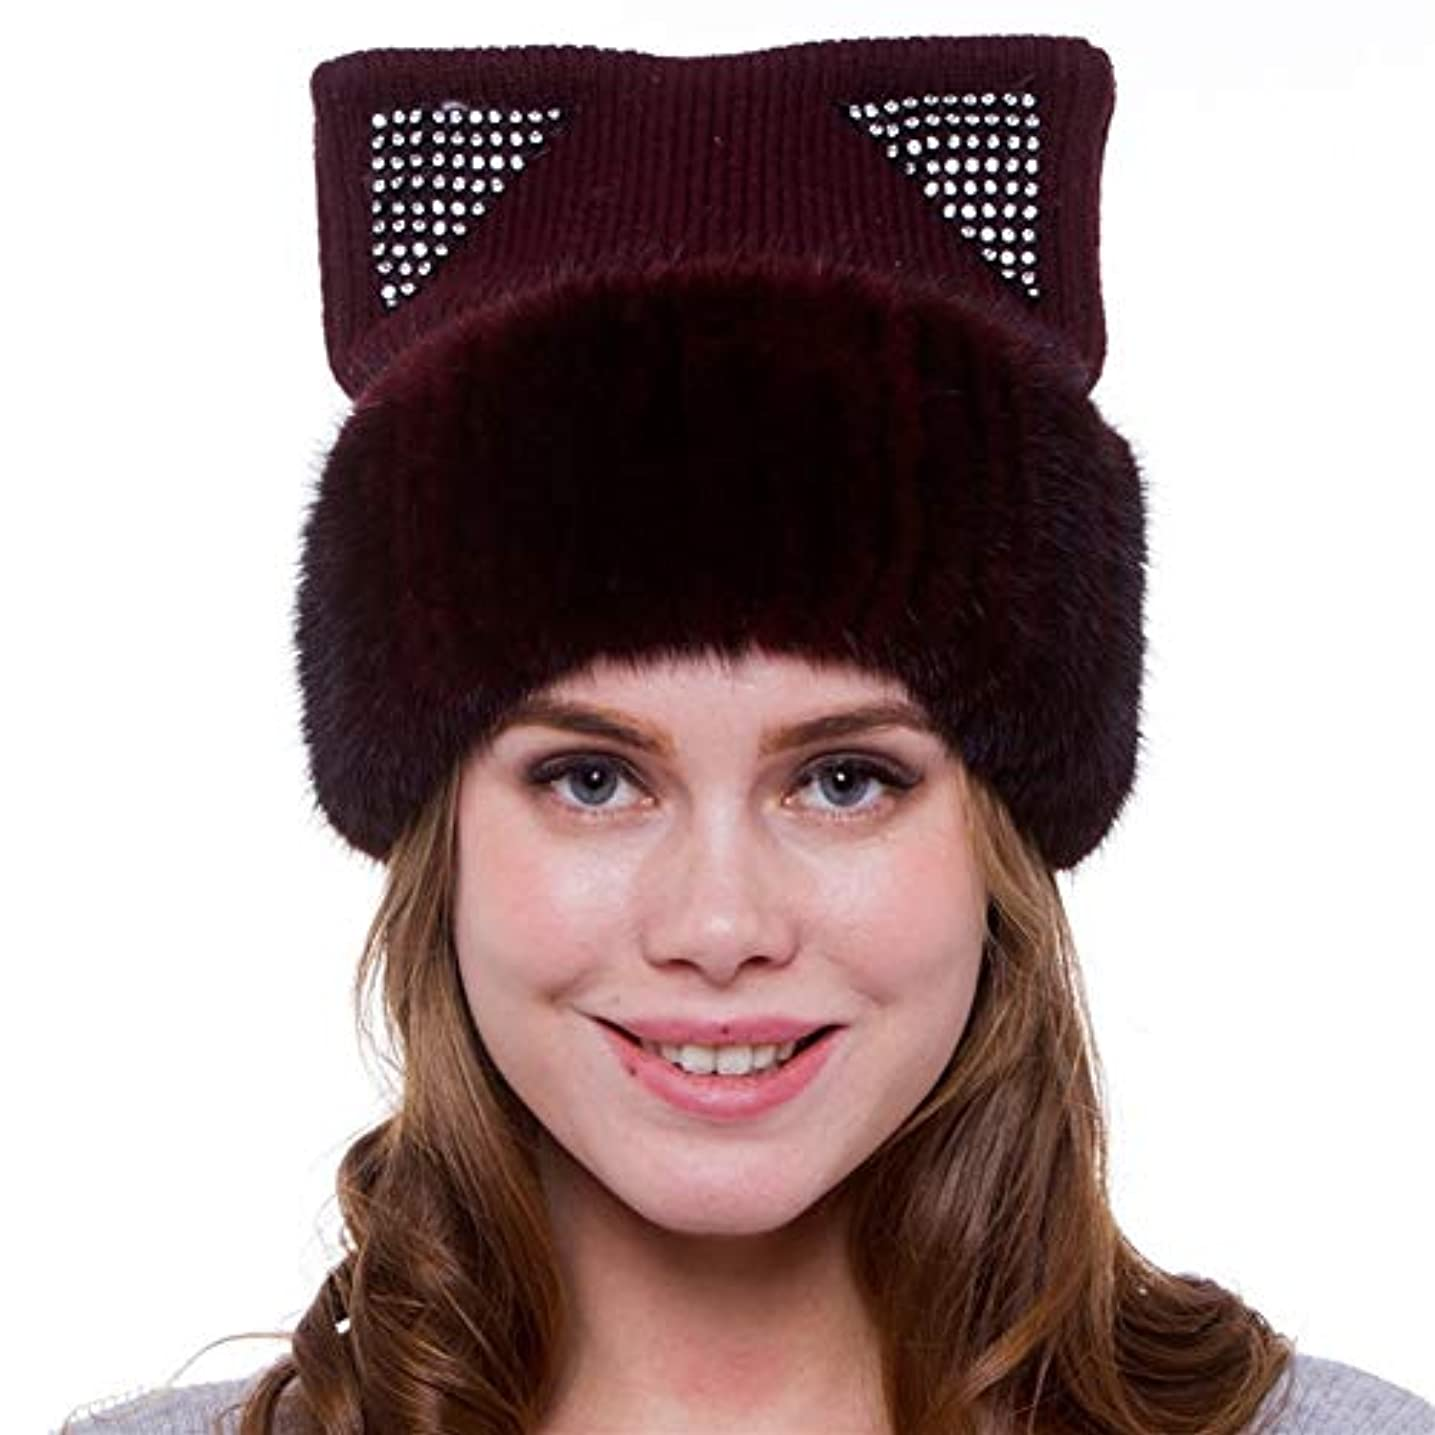 磁気だらしない大邸宅ACAO ヨーロッパとアメリカの大きなヤード暖かいイヤーキャップ内さんの秋と冬のニットミンクの毛皮の帽子 (色 : Purple)